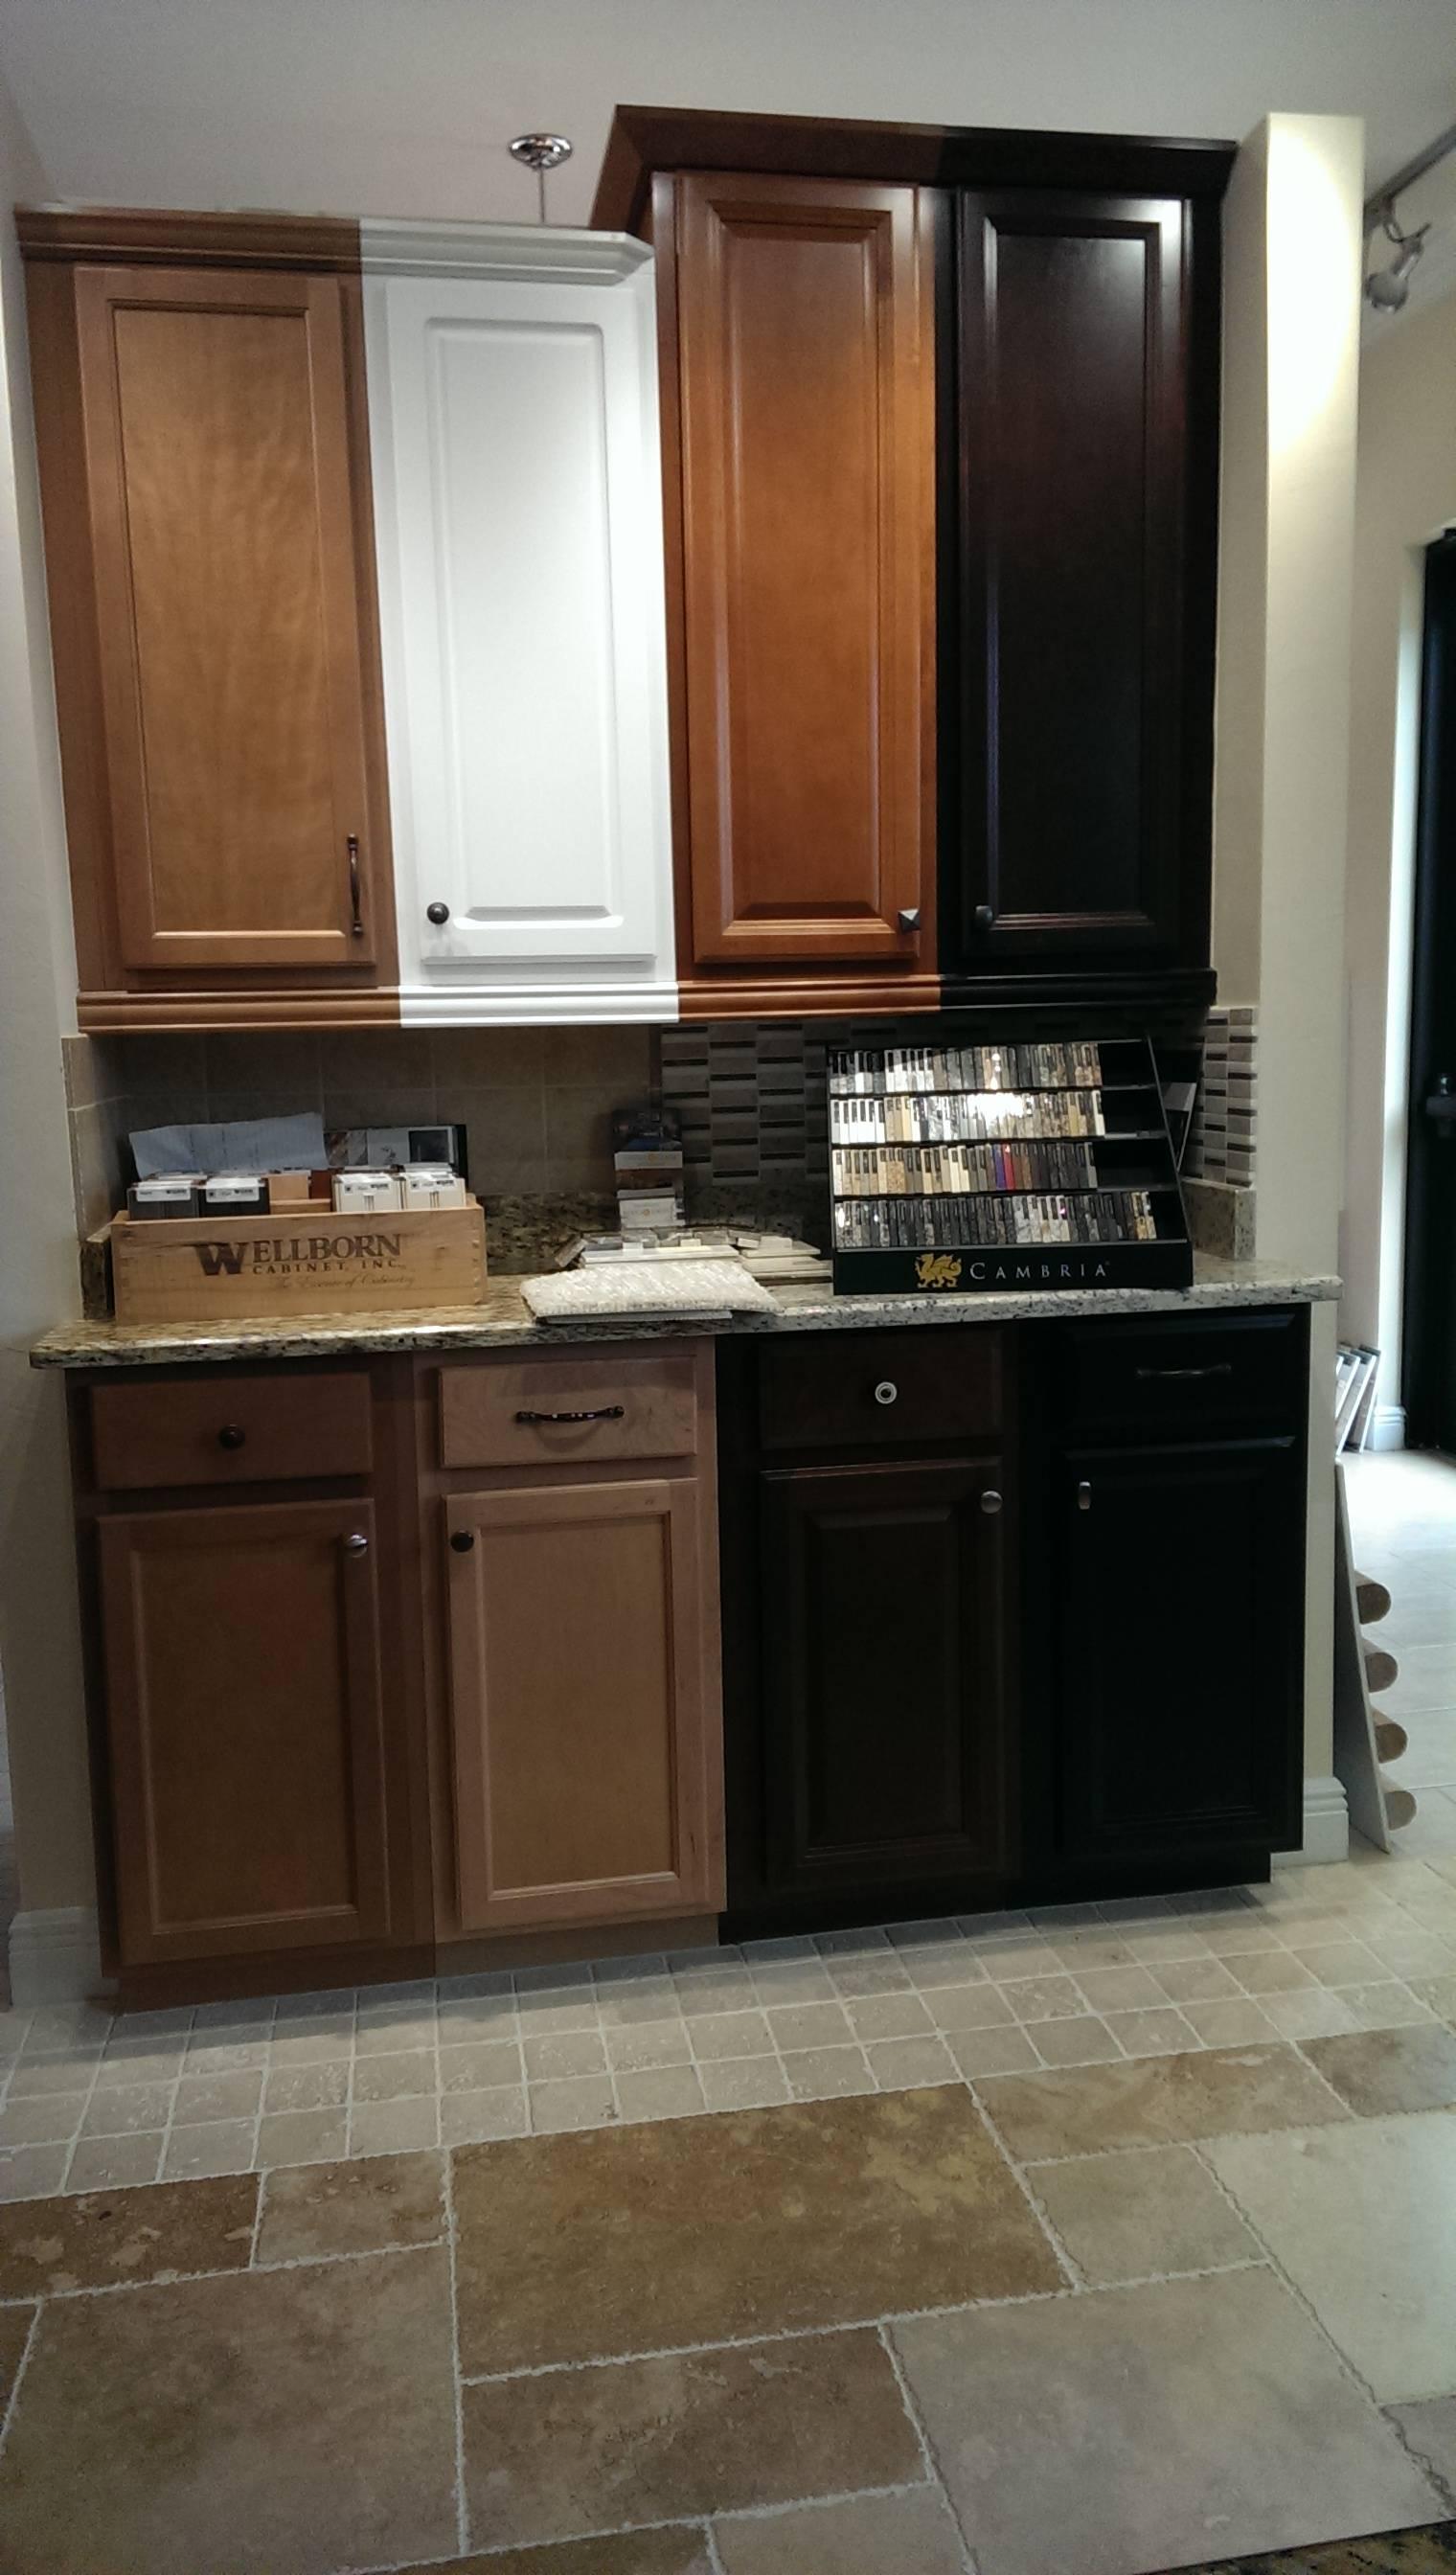 Dr Horton Kitchen Cabinet Supplier Designs